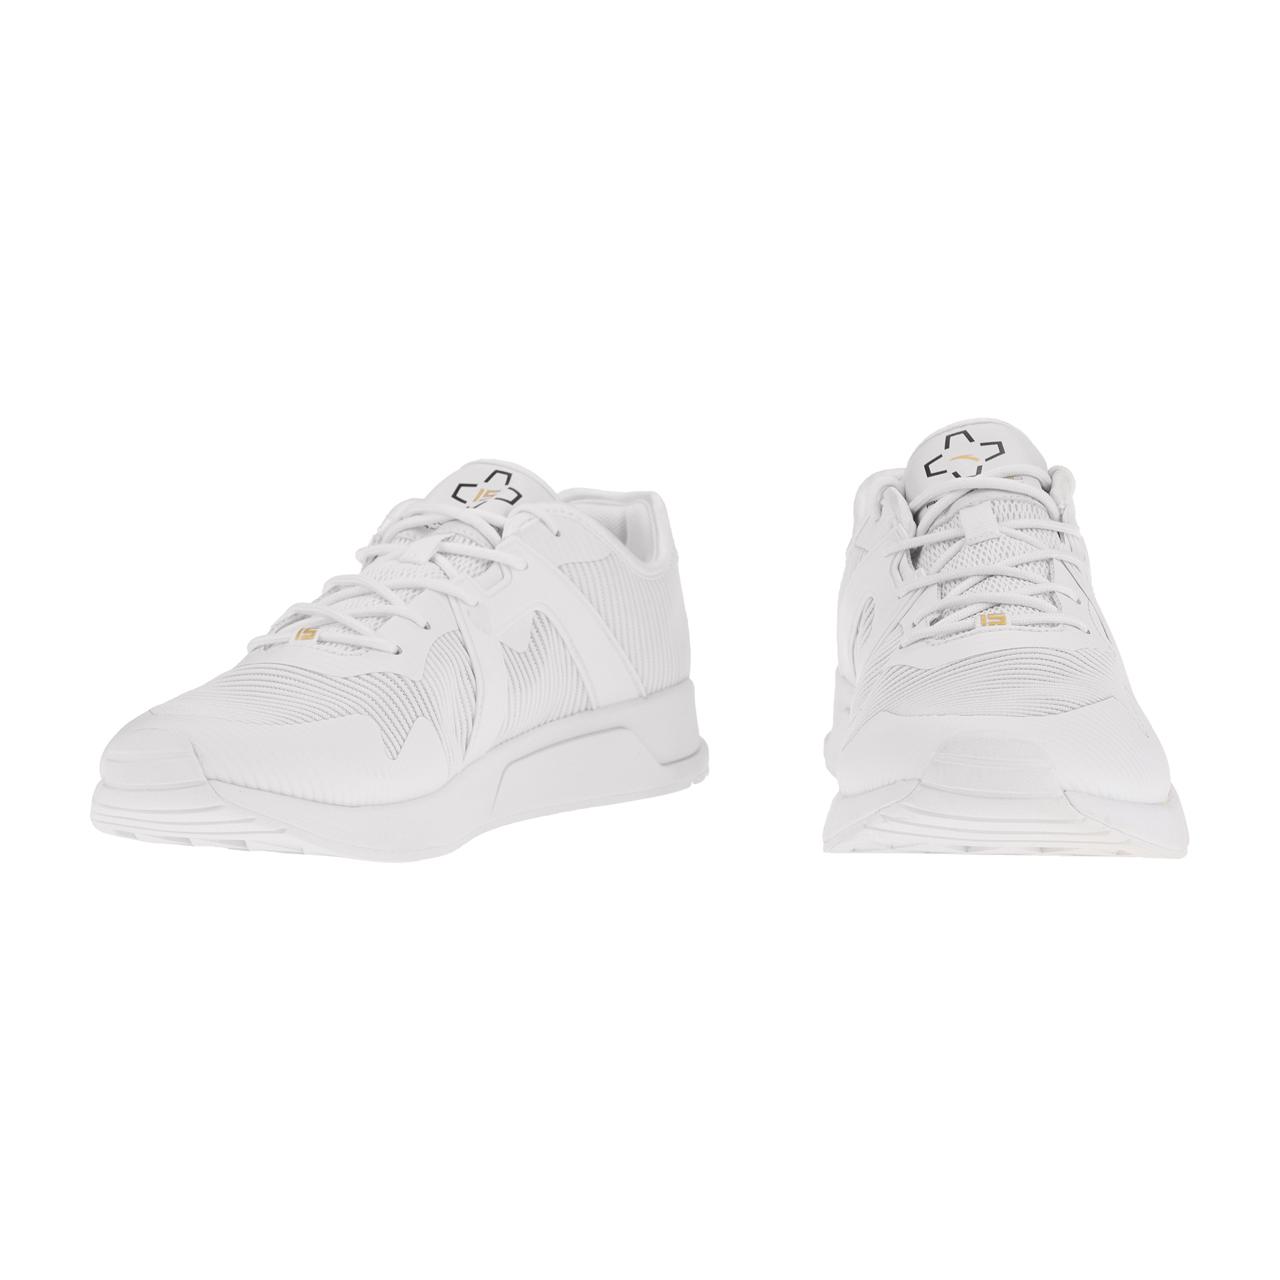 خرید                      کفش  پیاده روی مردانه آنتا مدل 1 - 11828863